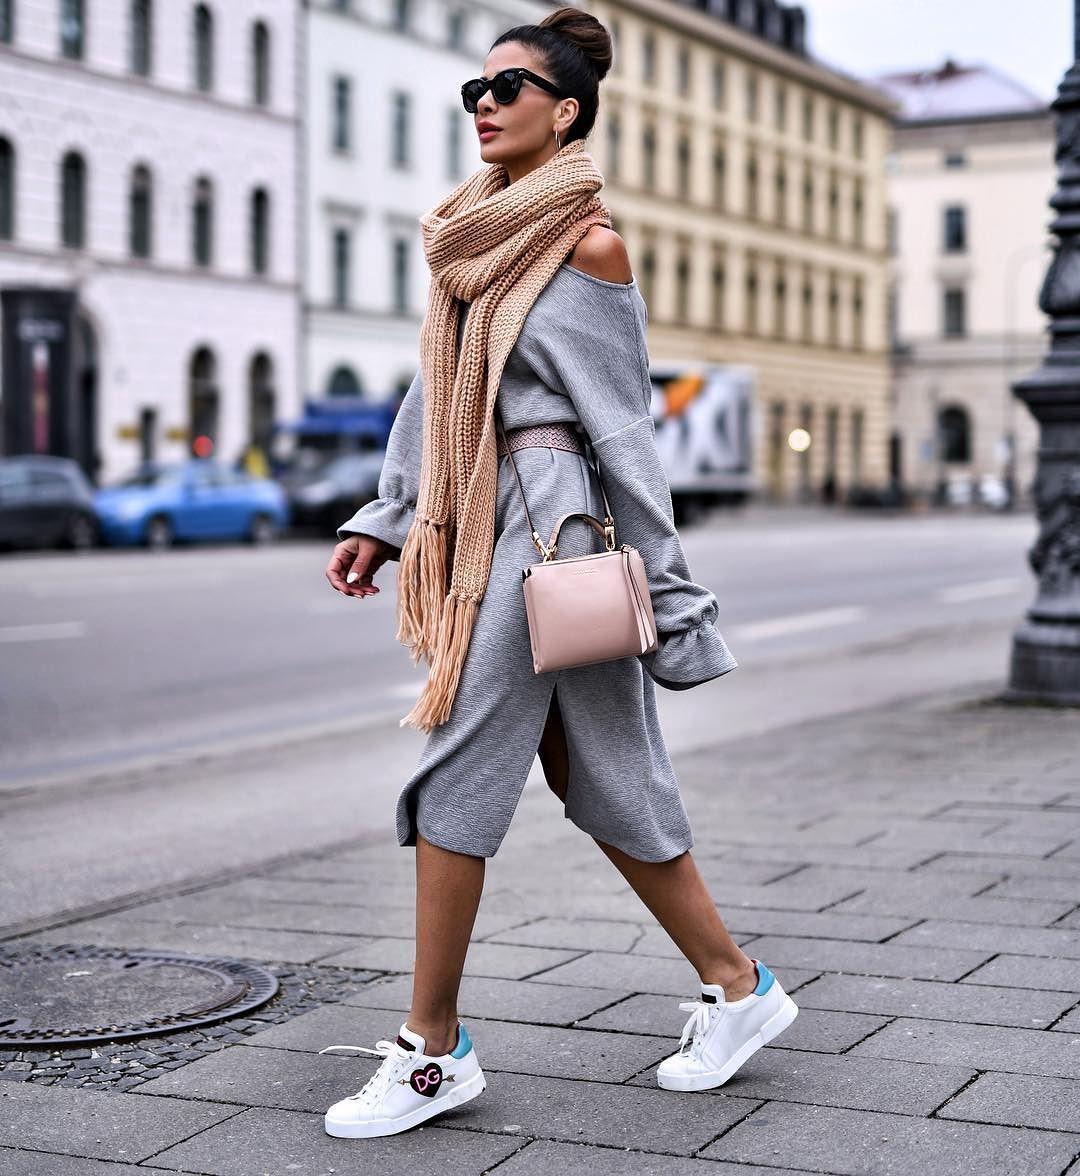 Стиль casual весной 2018: 25 потрясающих образов для стильных женщин